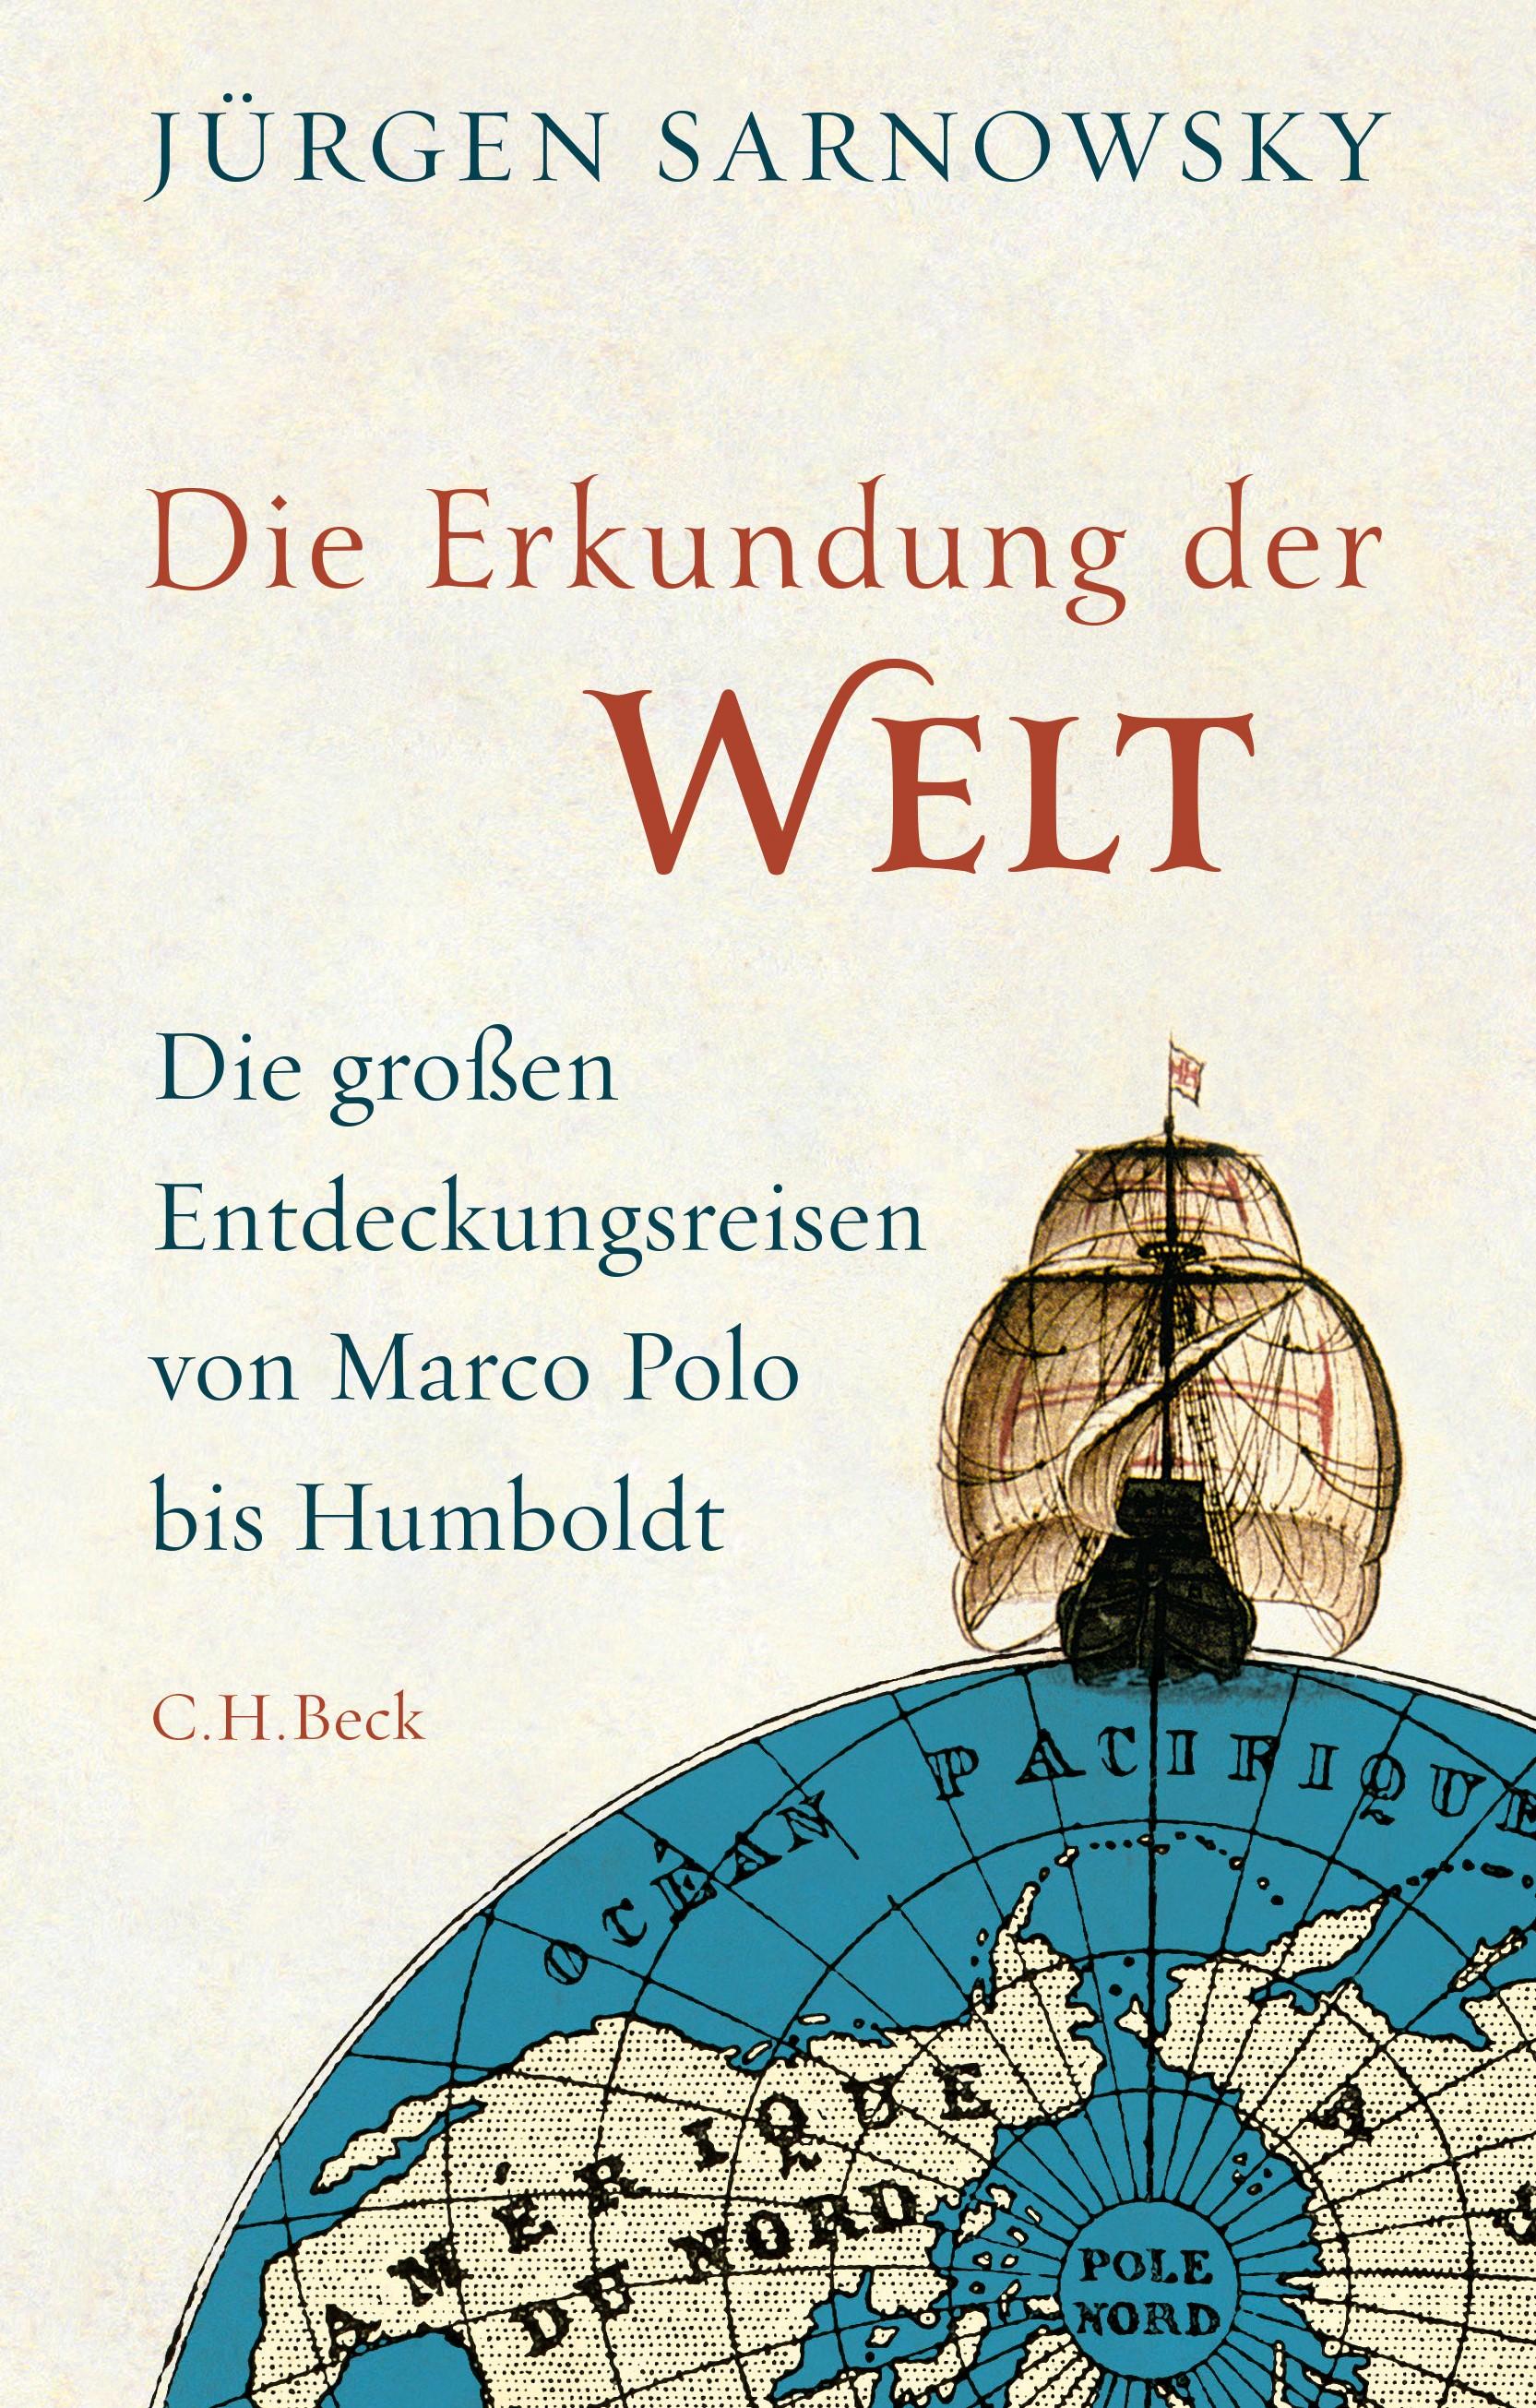 Cover des Buches 'Die Erkundung der Welt'